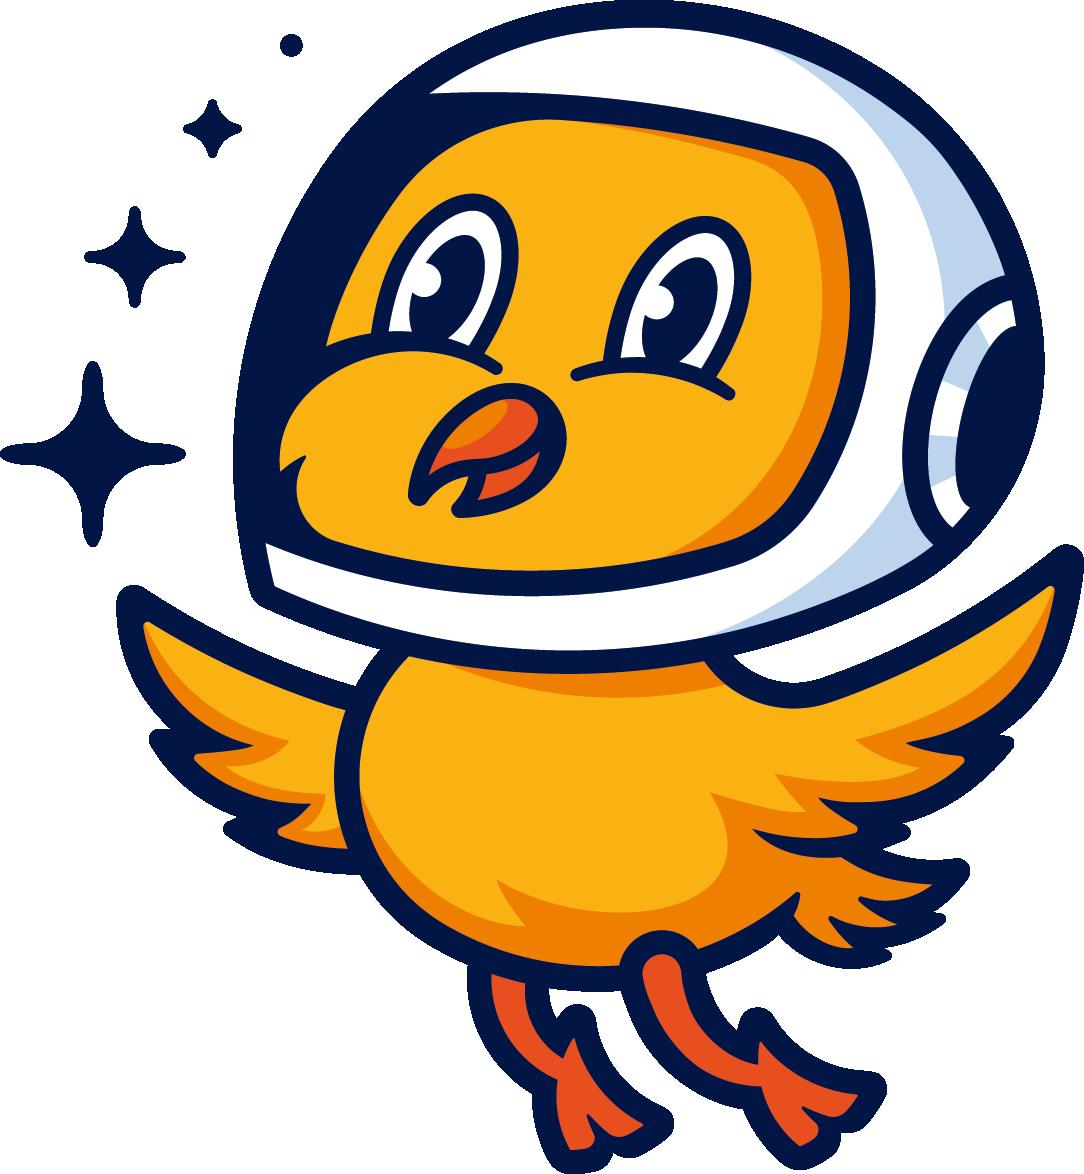 Vesmérní kuře logo